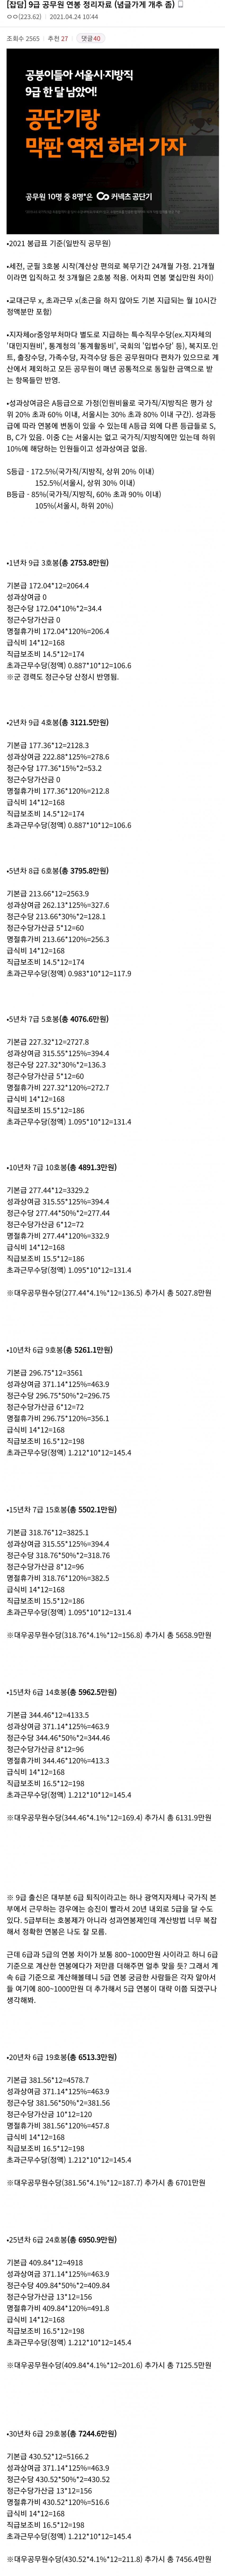 viewimage.php?id=3fb5d434e9d632b7&no=24b0d769e1d32ca73dec8efa11d02831b210072811d995369f4ff09c9cd04d8205d1625a61f56c7250f571f1c484c72c9275e7d00a8b2b2d826563141a022348f3de7d1ec430568ee0c61f8c6c7e515c6f11a5ecea0c43ffb6a882c708669734c5d1